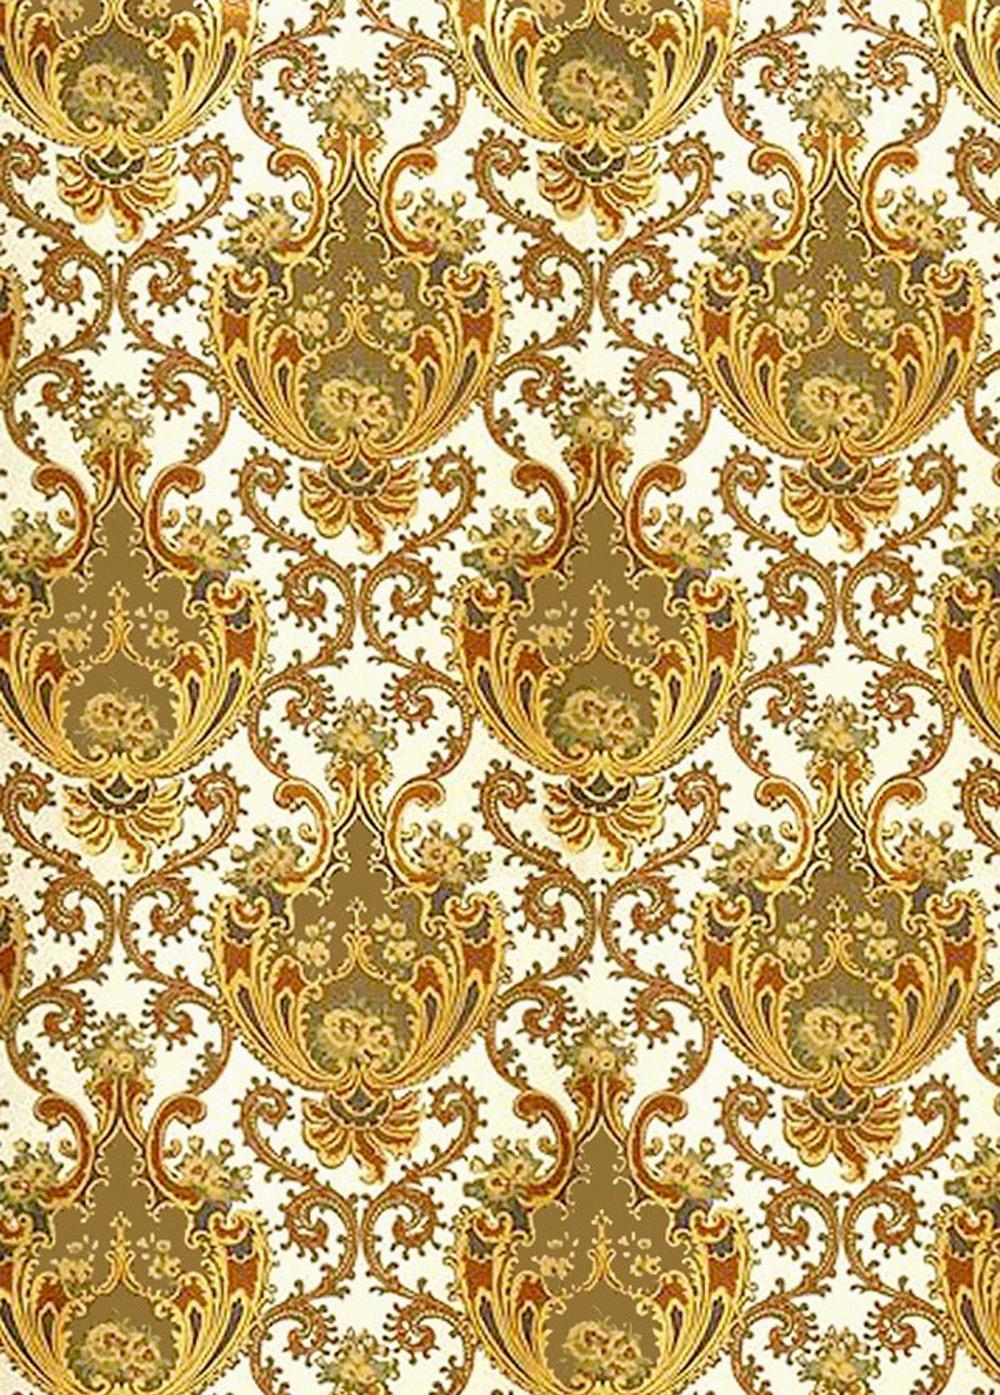 Bathroom wallpaper patterns